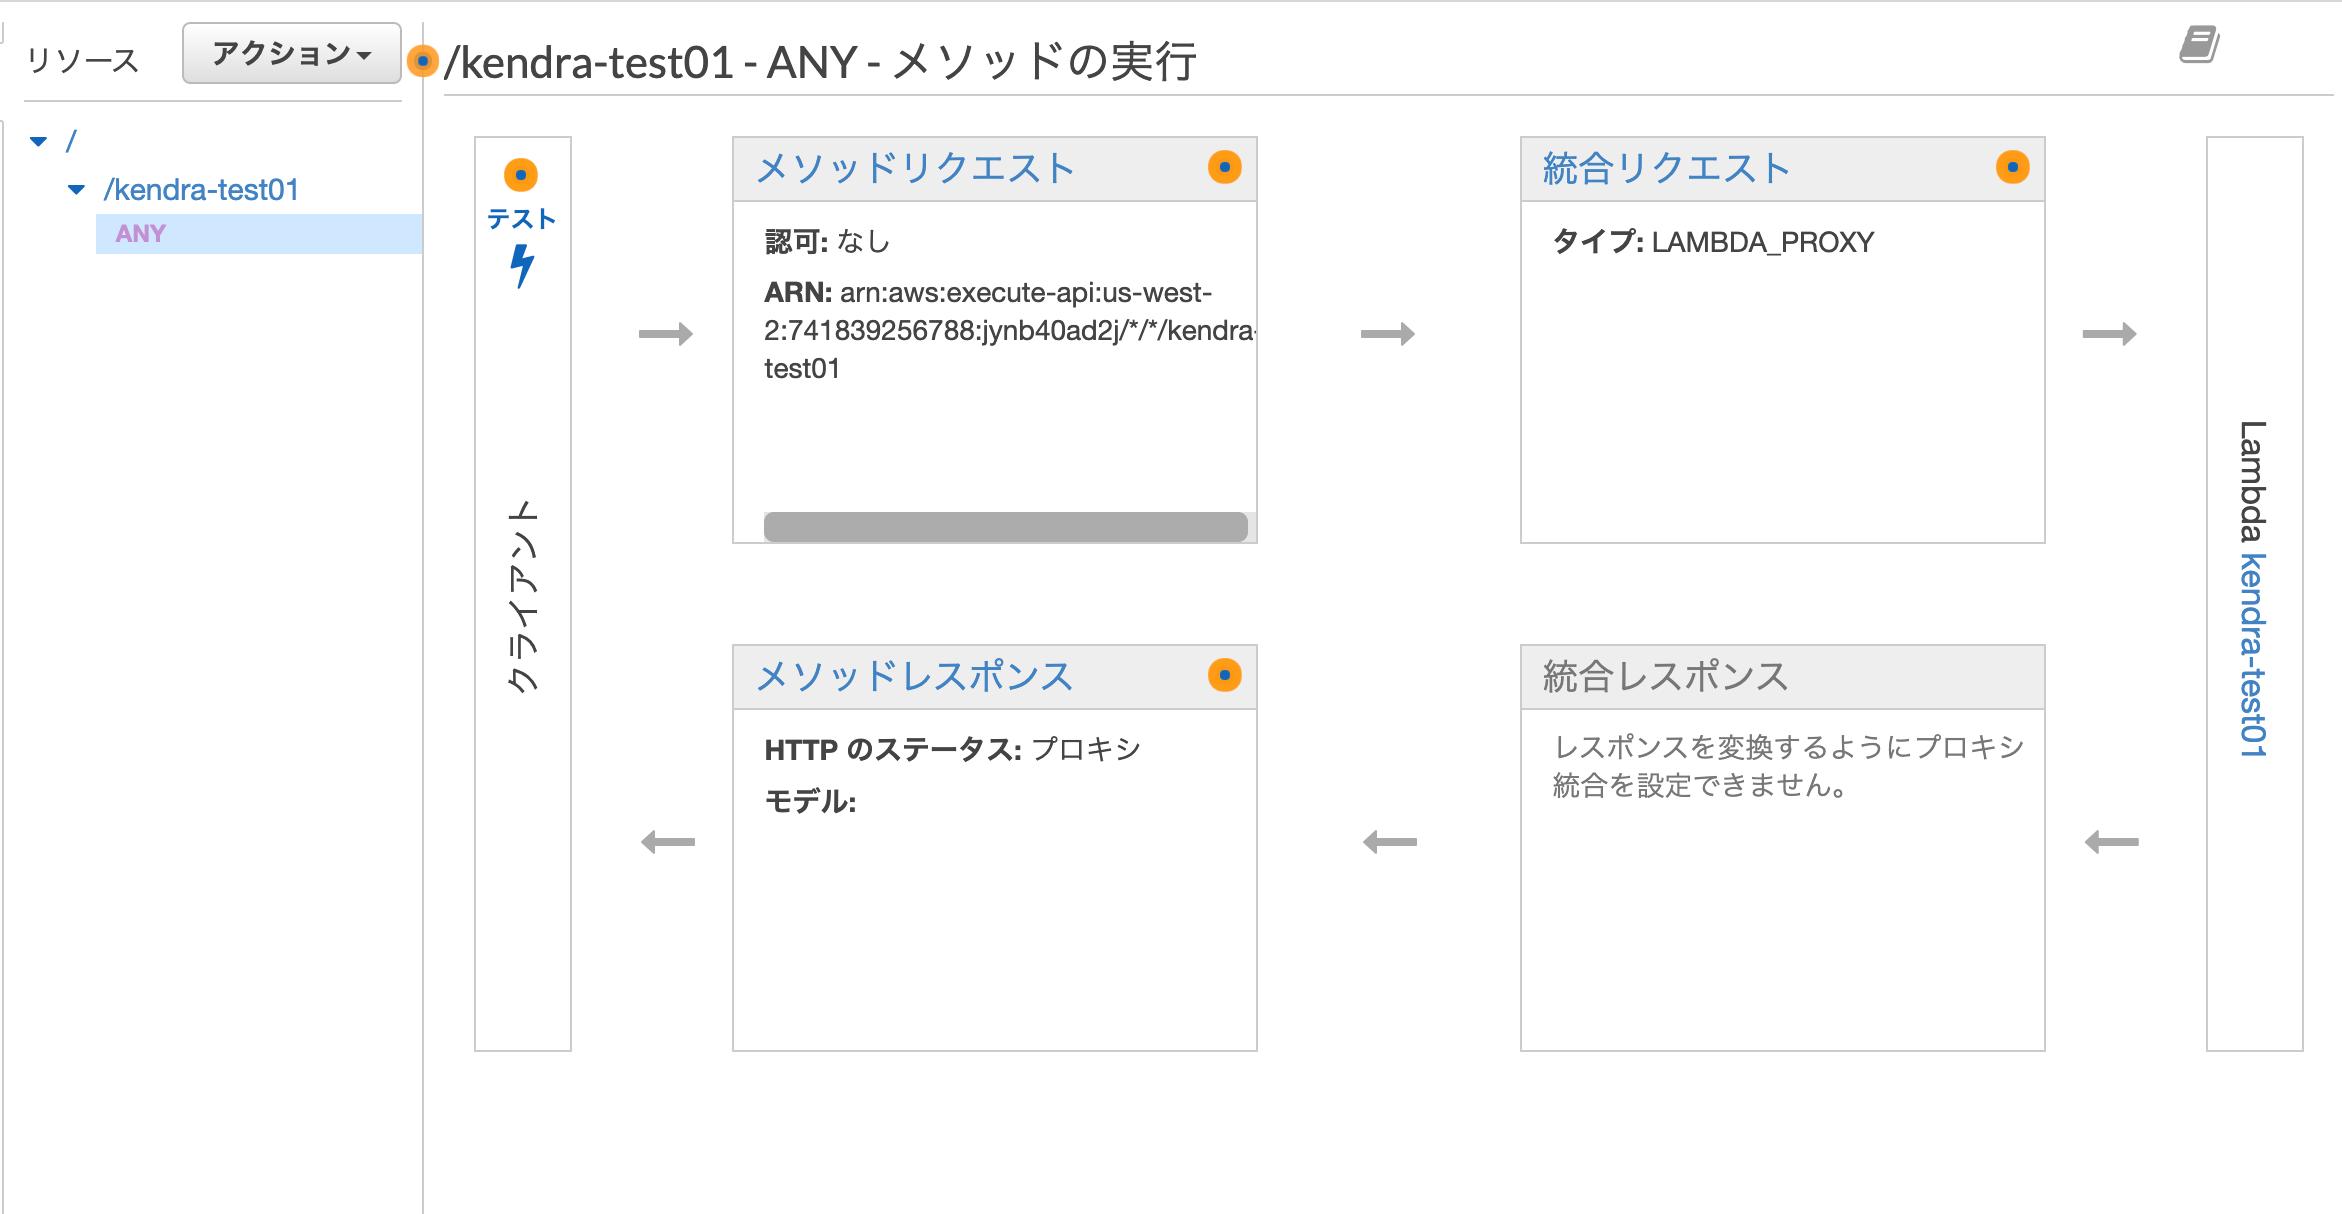 スクリーンショット 2020-05-19 13.23.55.png